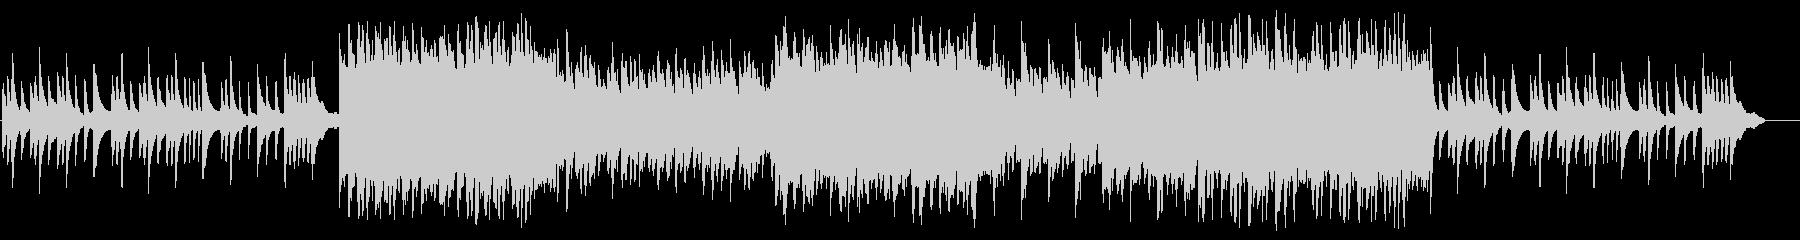 親子の感動シーンをイメージしたピアノ曲の未再生の波形